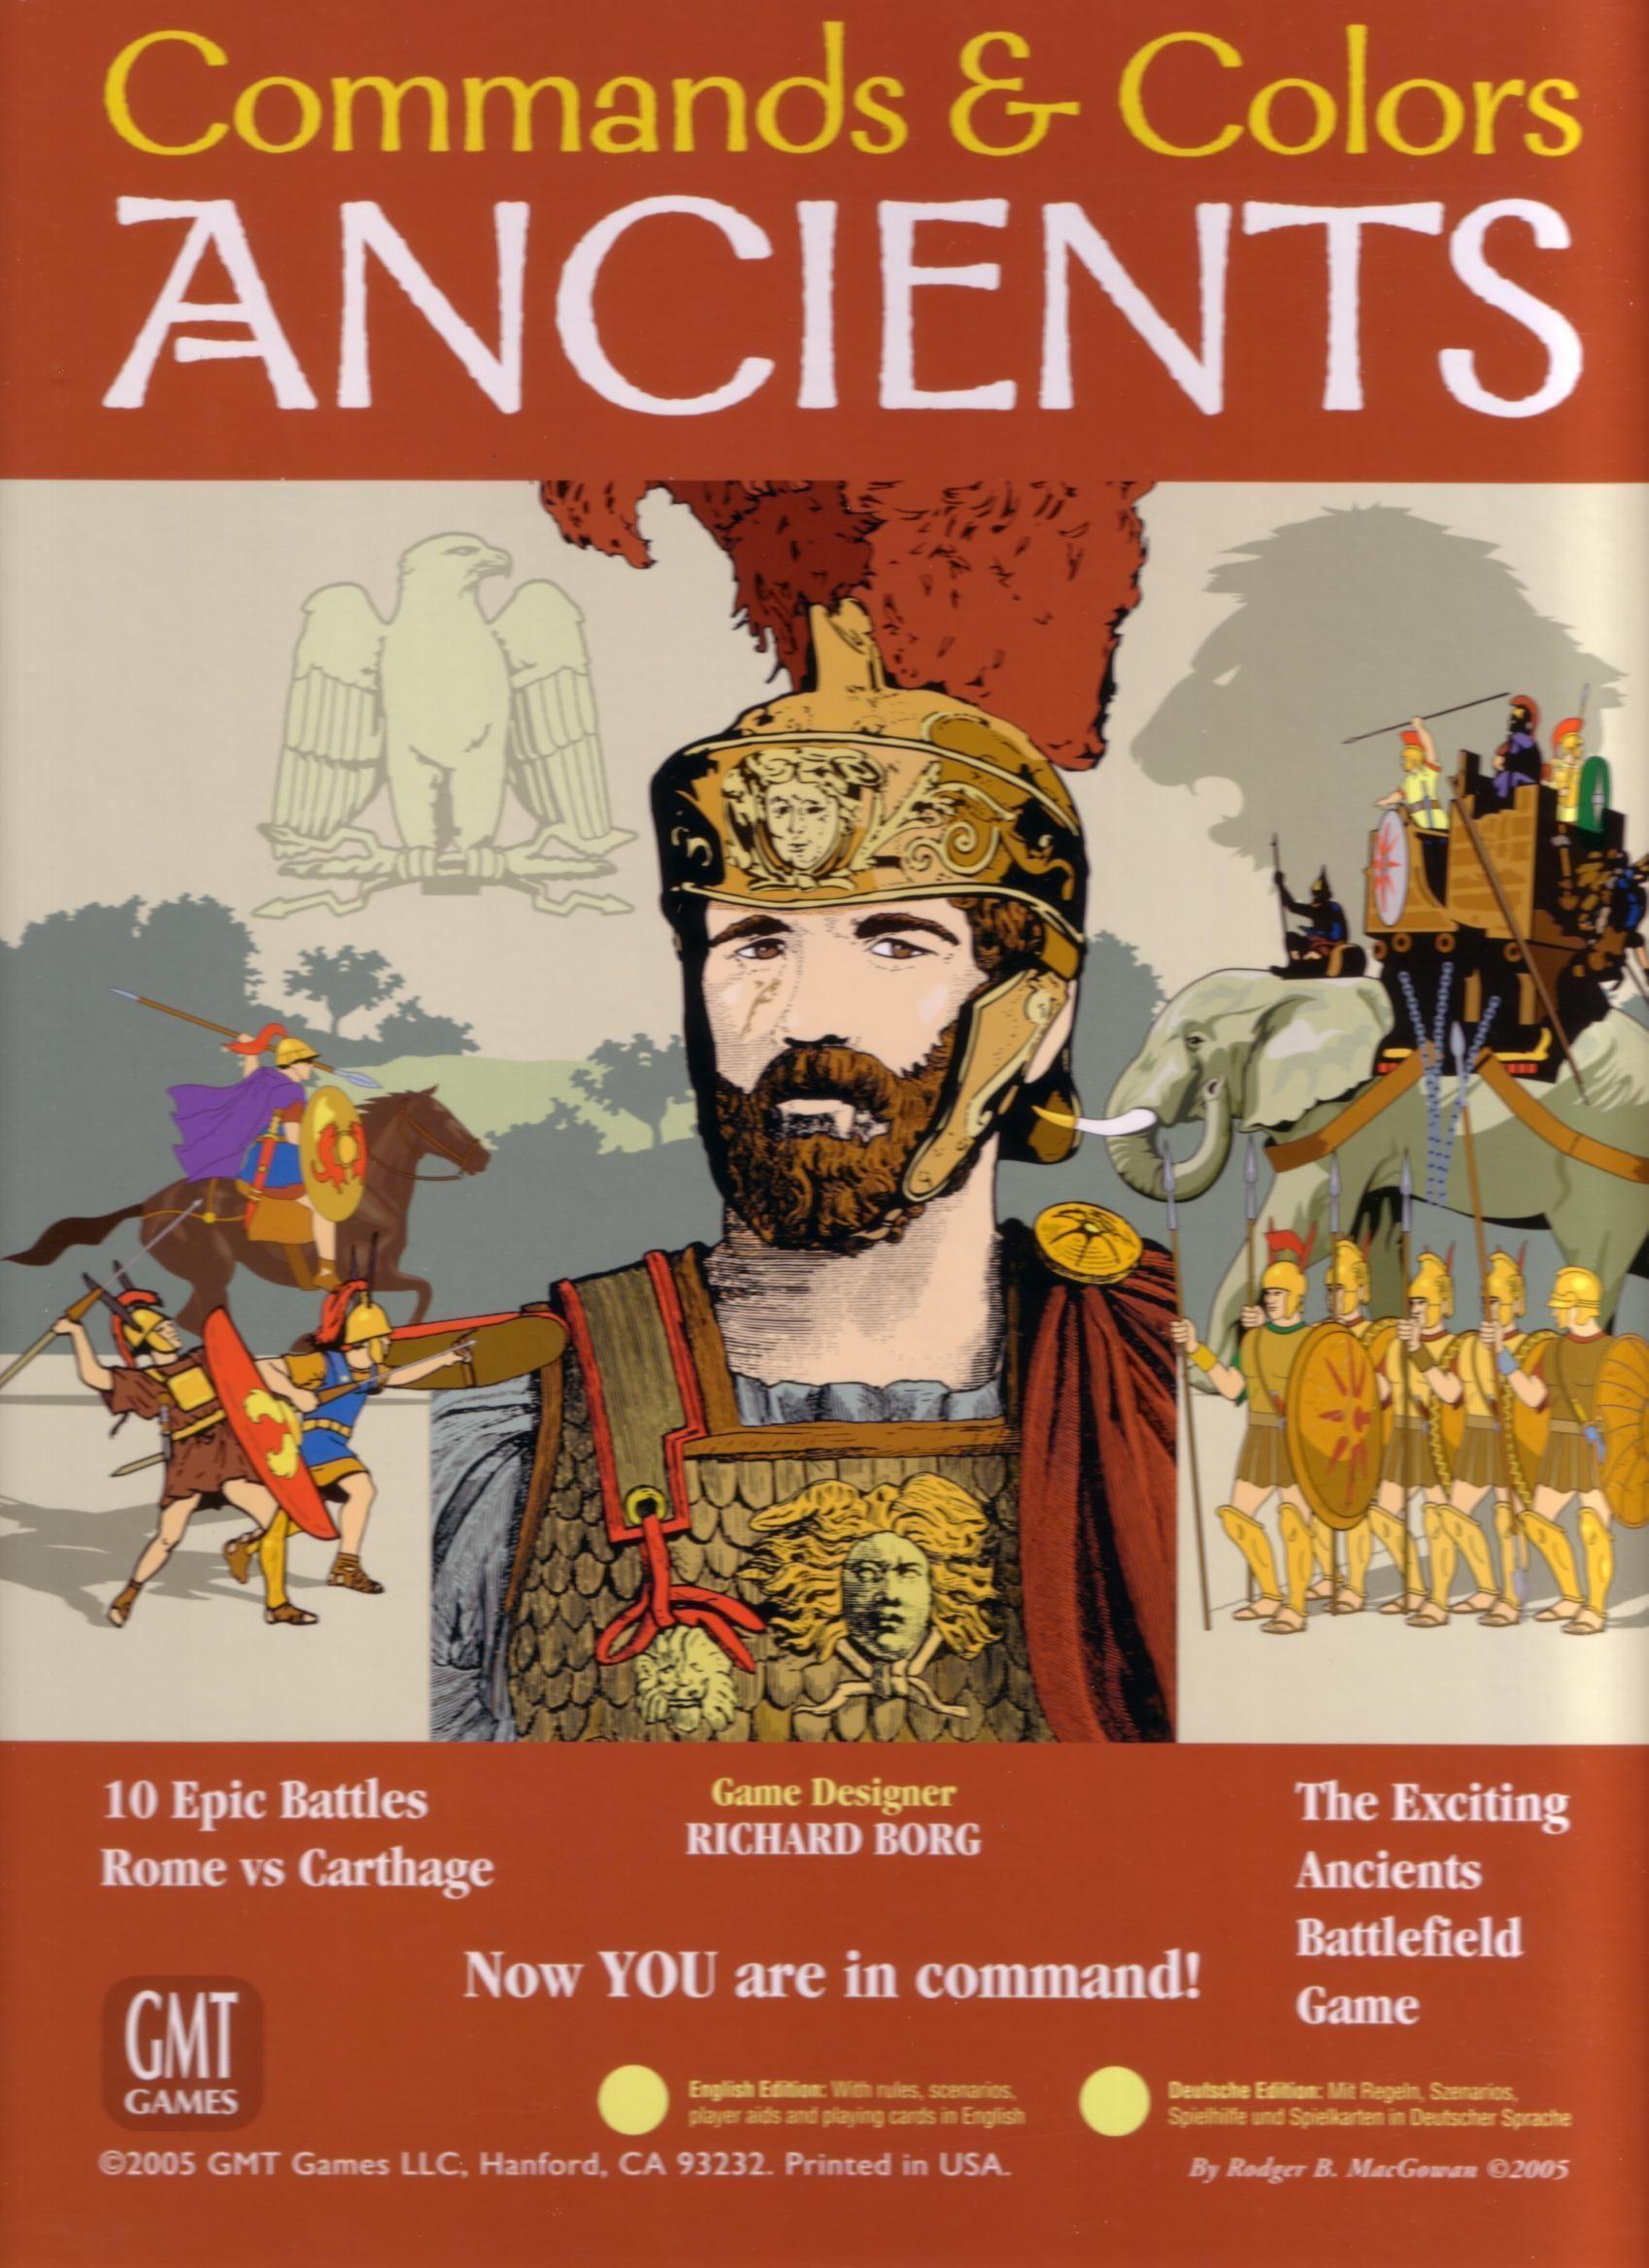 Commands & Colors: Ancients